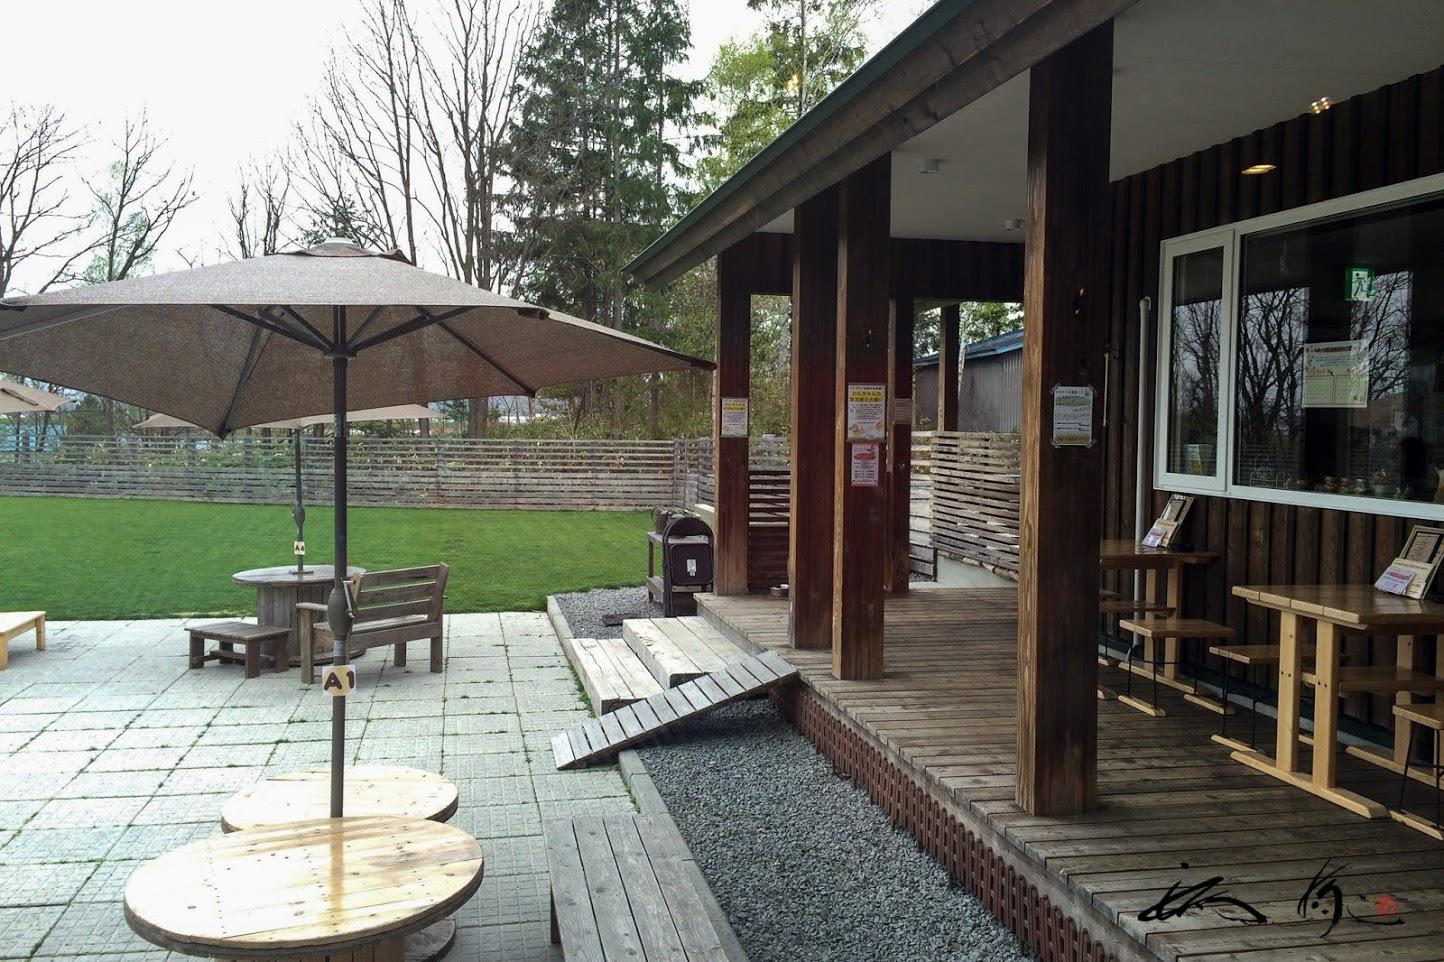 エゾ鹿レストラン山恵(鷹栖市)で新メニューを楽しむ